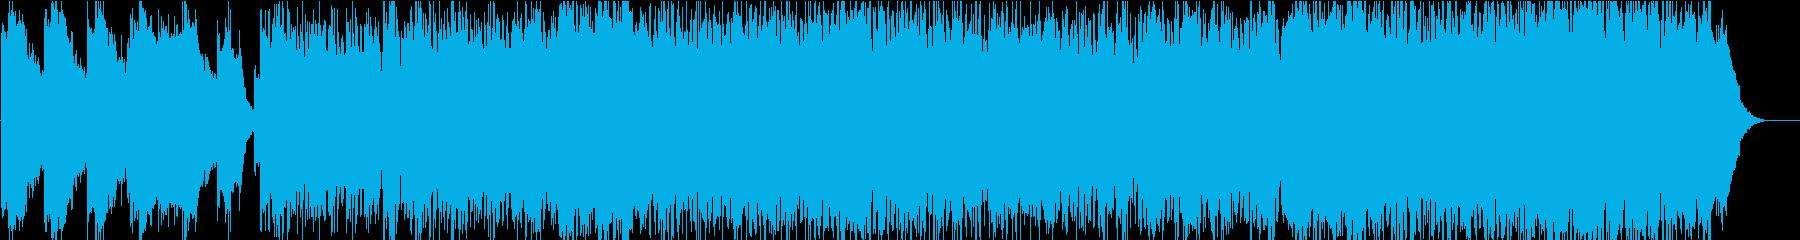 時代劇大河ドラマのオープニングイメージの再生済みの波形